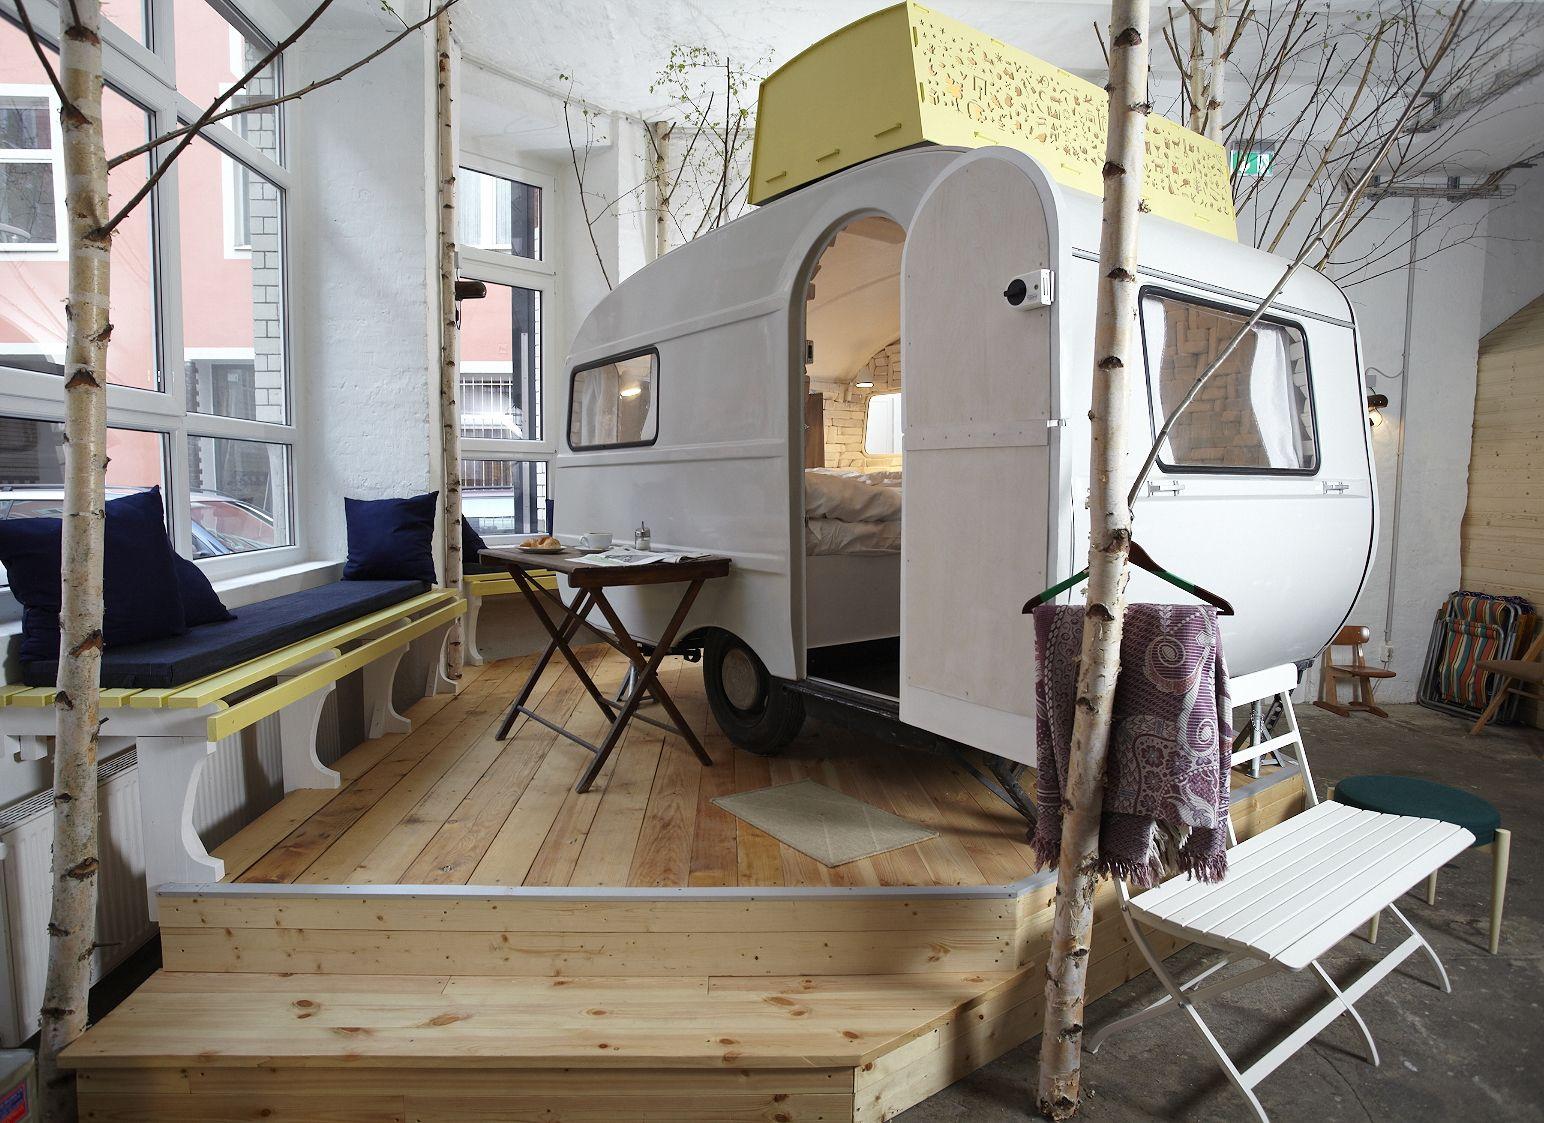 Un endroit que j'aimerais tester. Dans un bel hôtel à Berlin, il y a des caravanes dans chaque chambre.